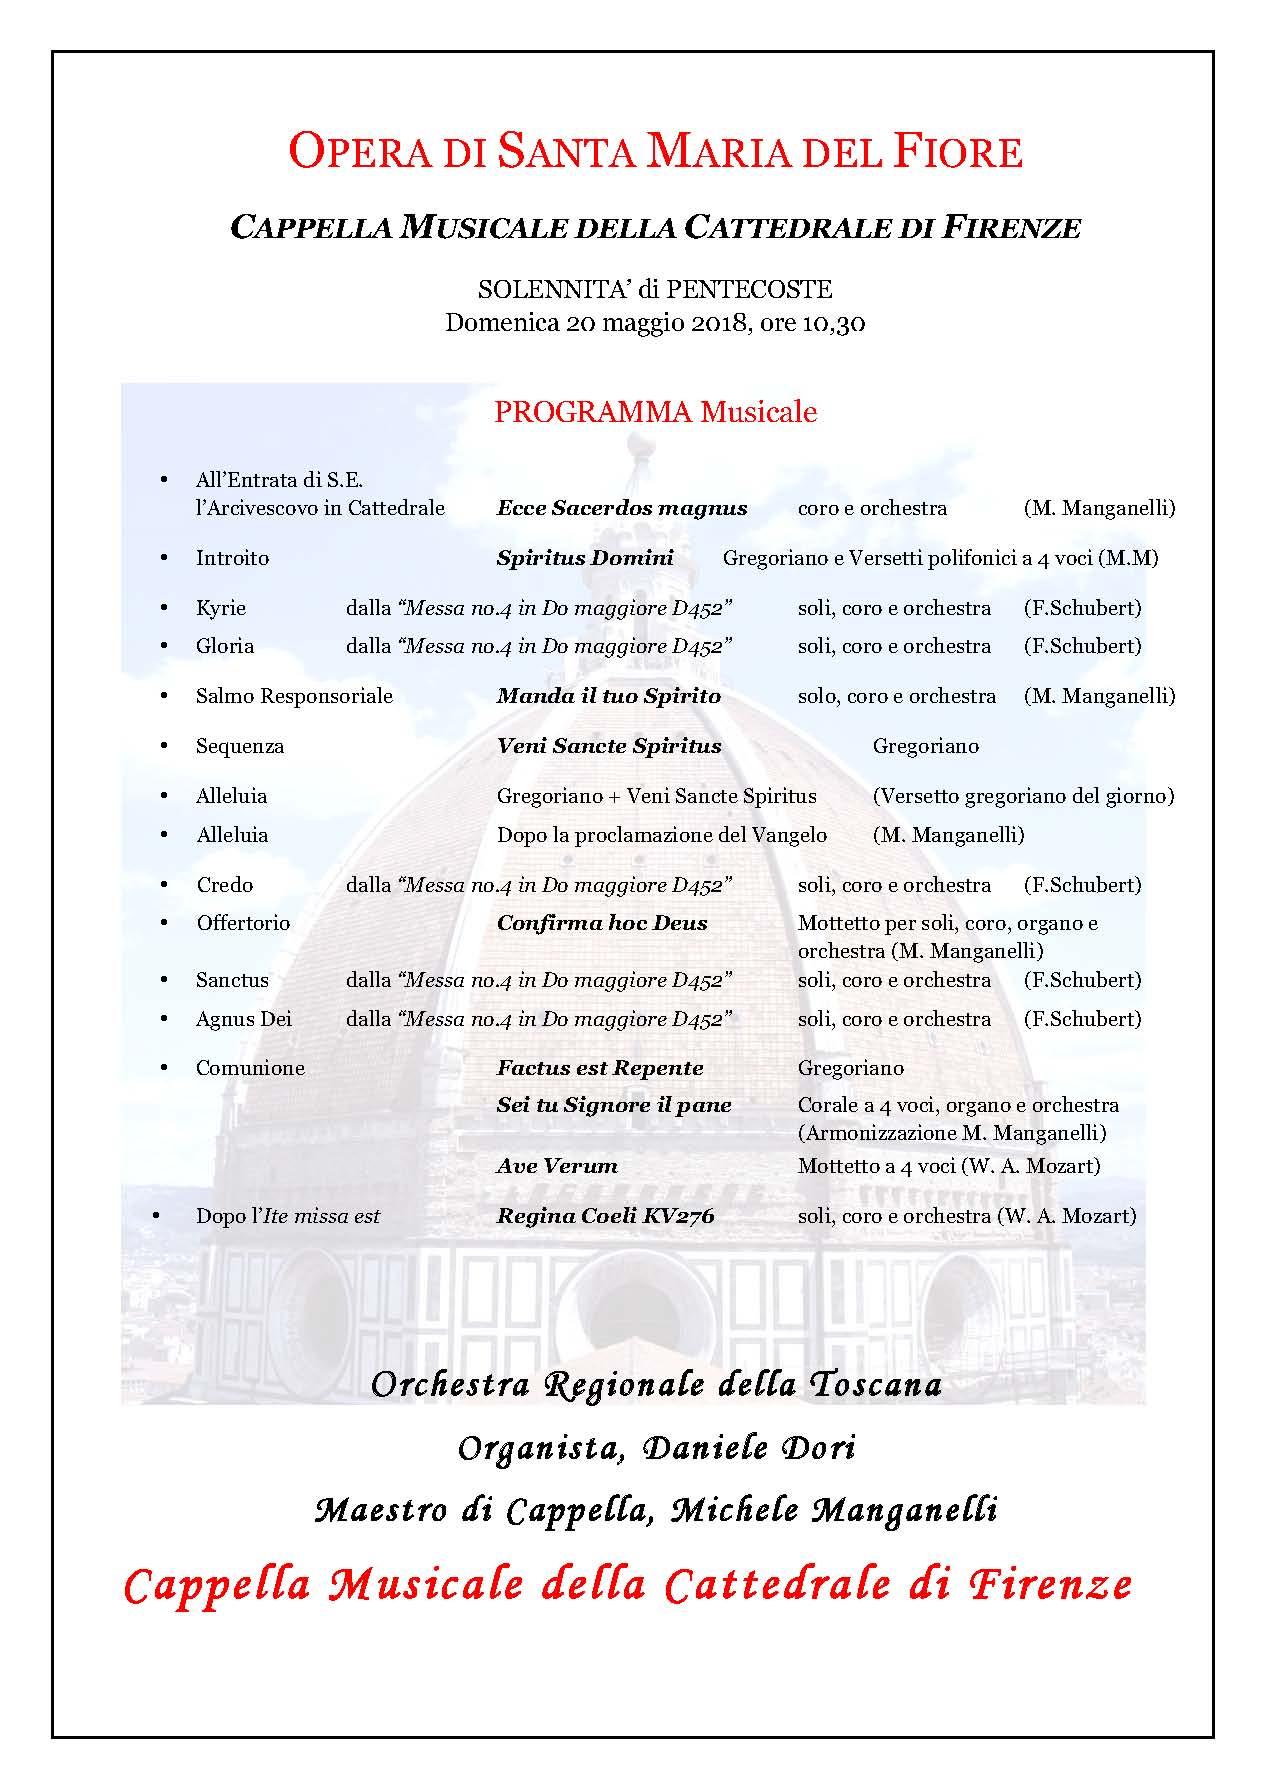 Programma di Pentecoste